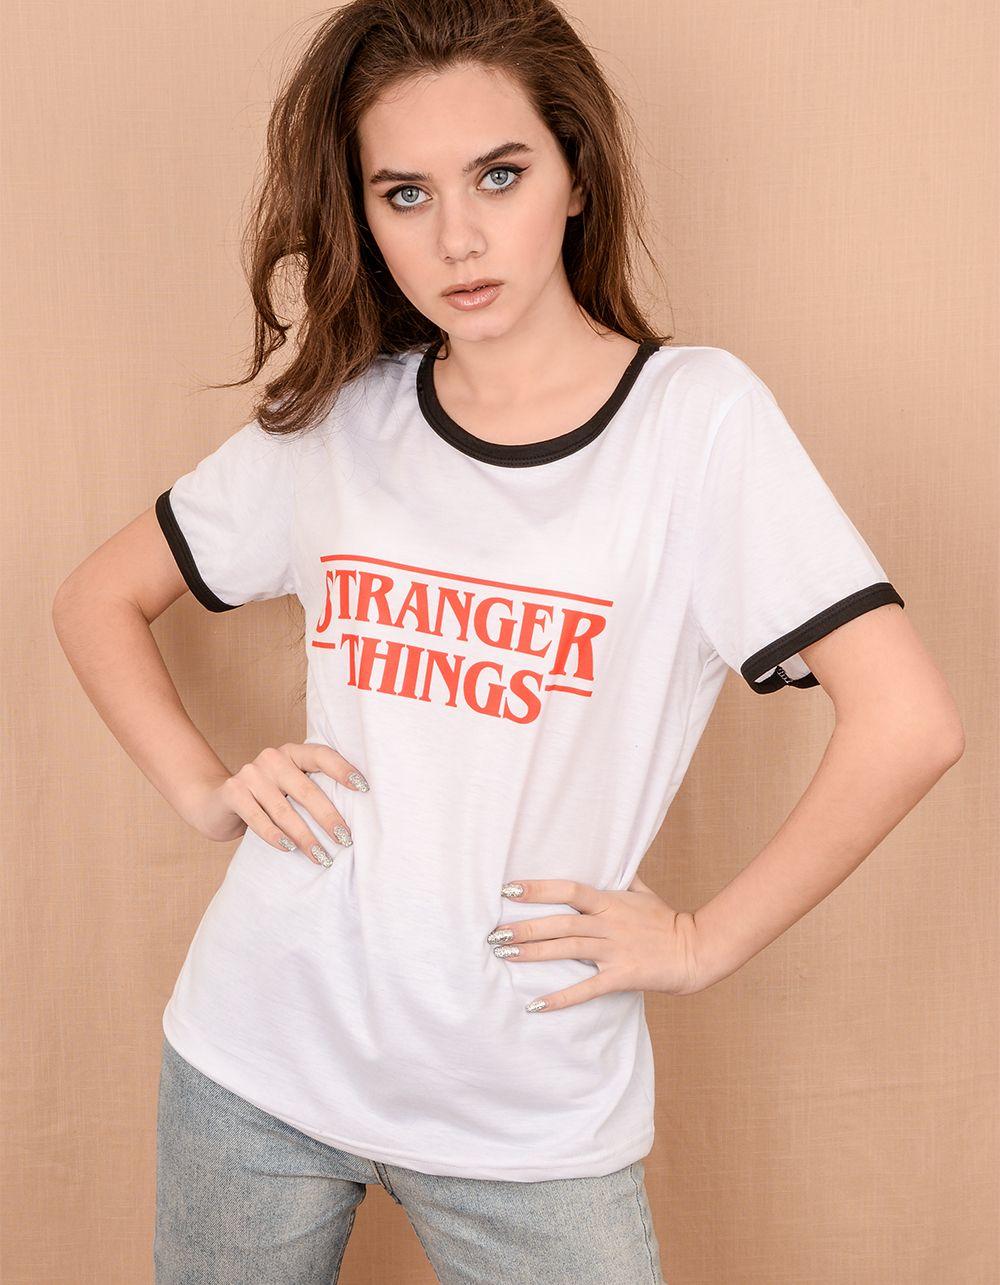 Футболка із написом Stranger things | 239955-01-21